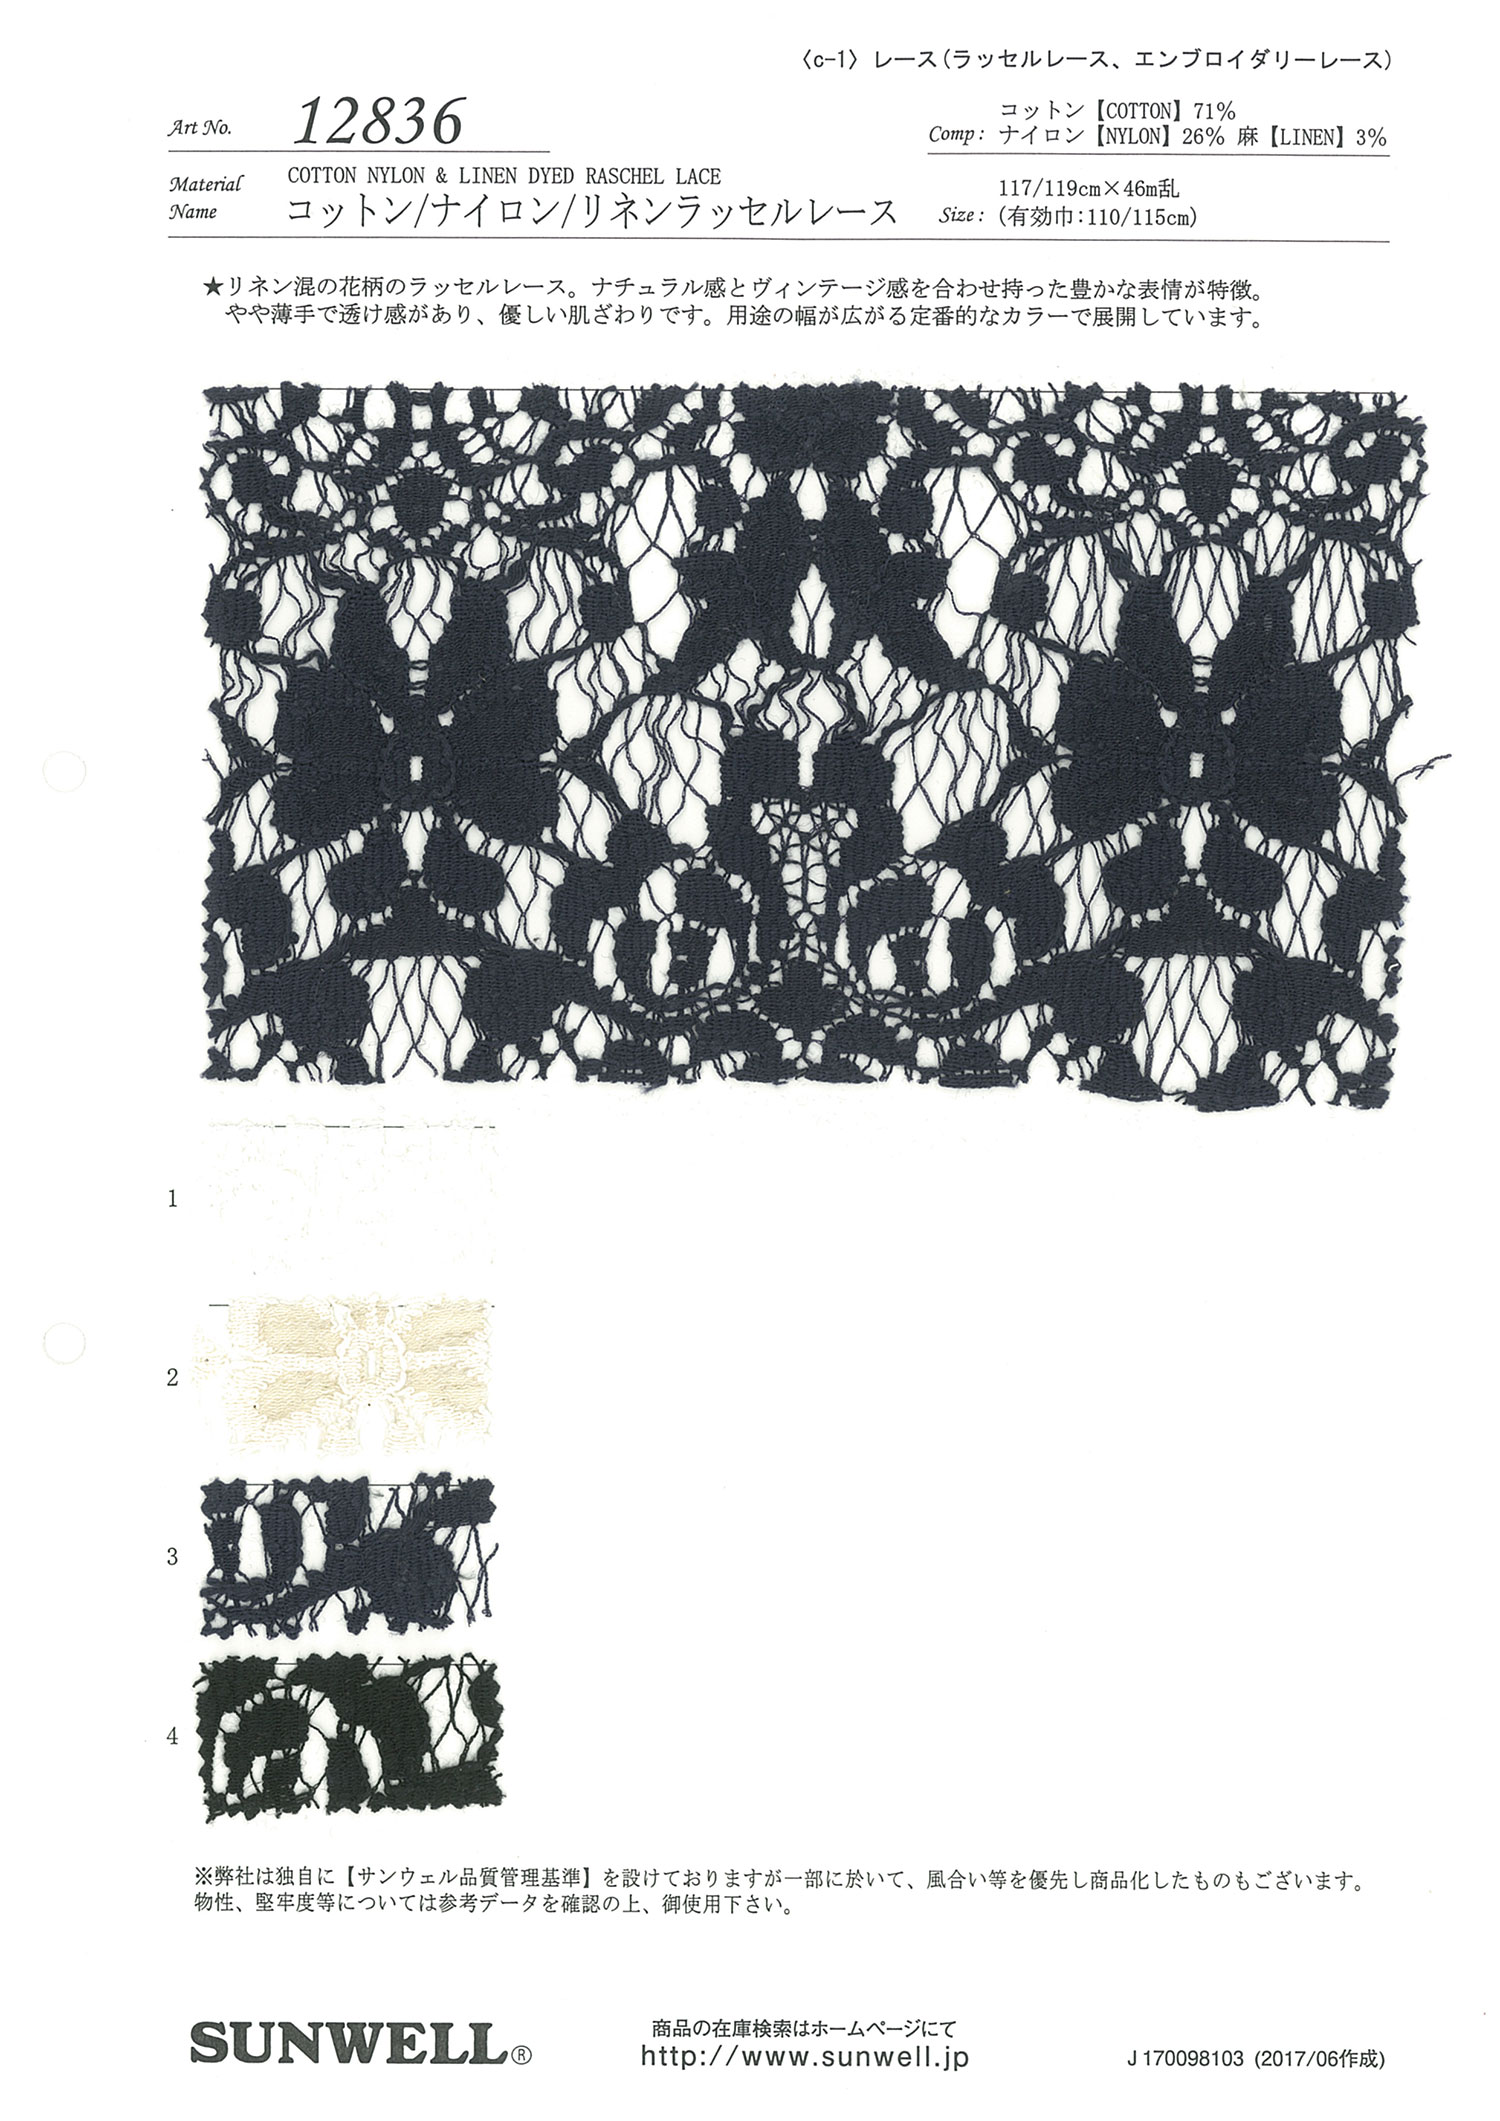 12836 コットン・ナイロン・リネンラッセルレース SUNWELL(サンウェル)/オークラ商事 - ApparelX アパレル資材卸通販